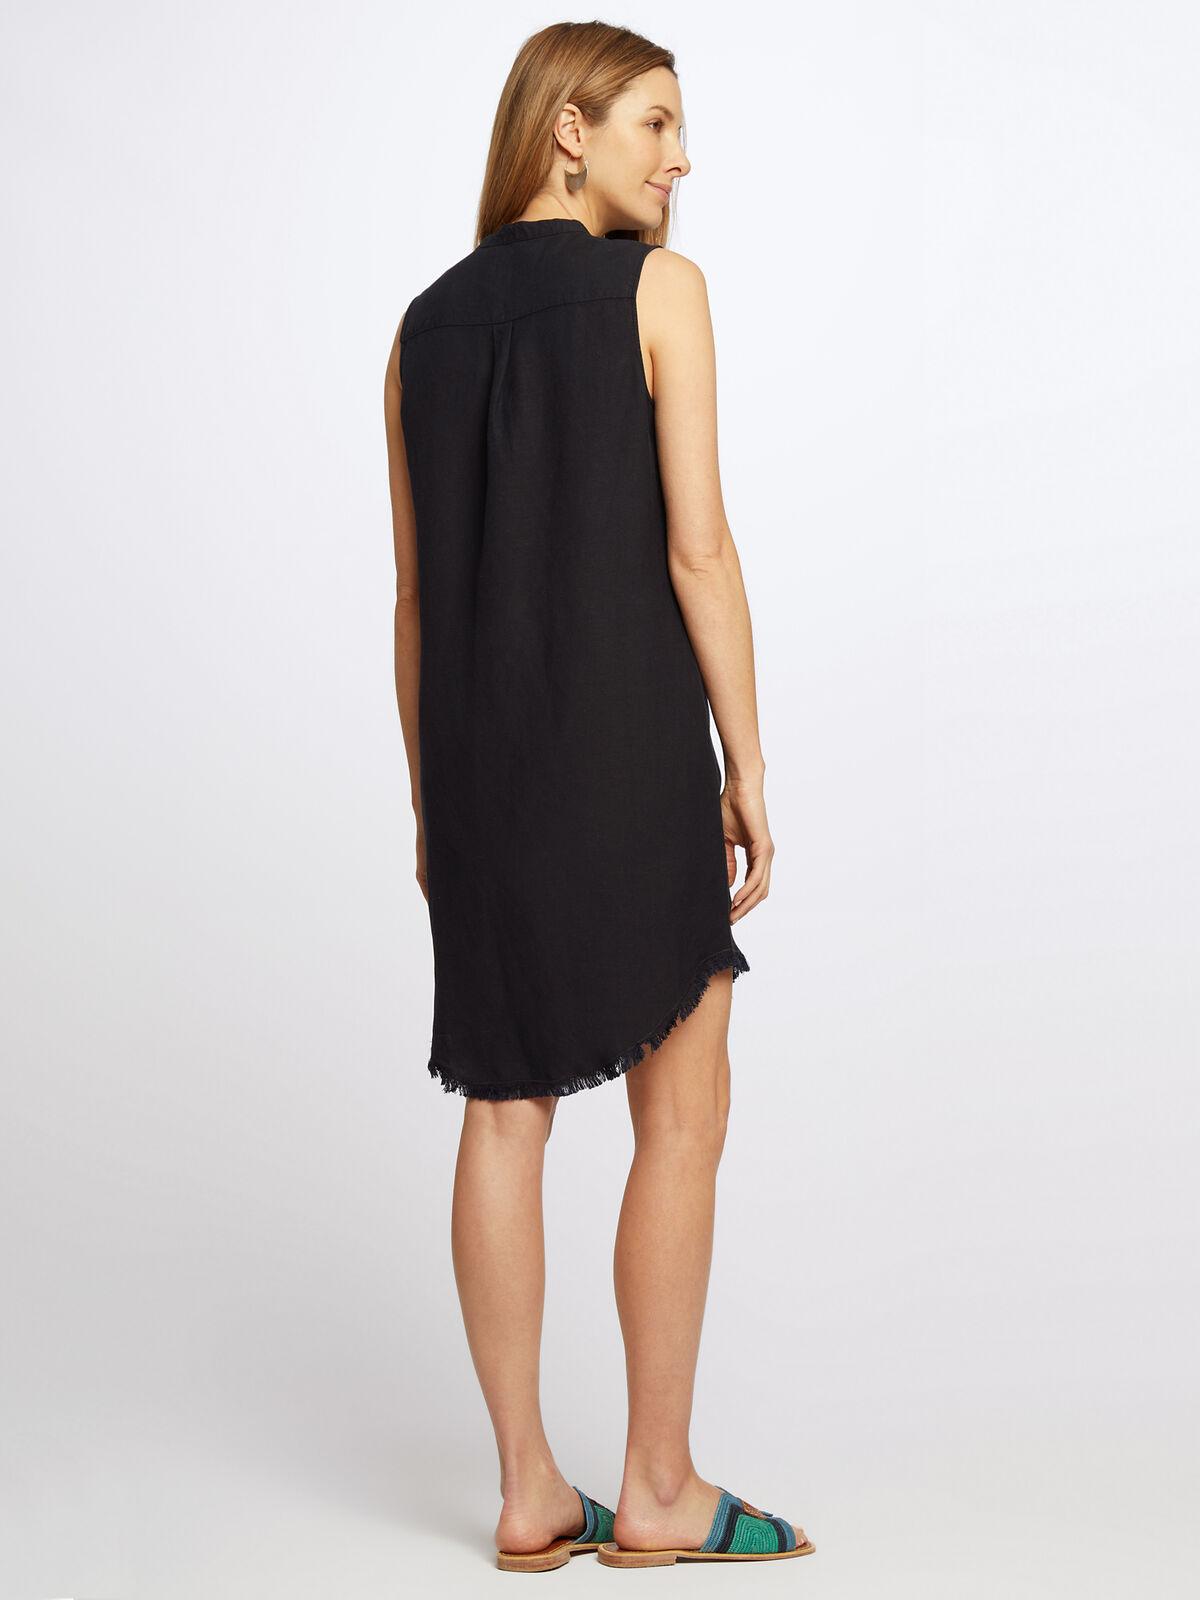 Vineyard Dress